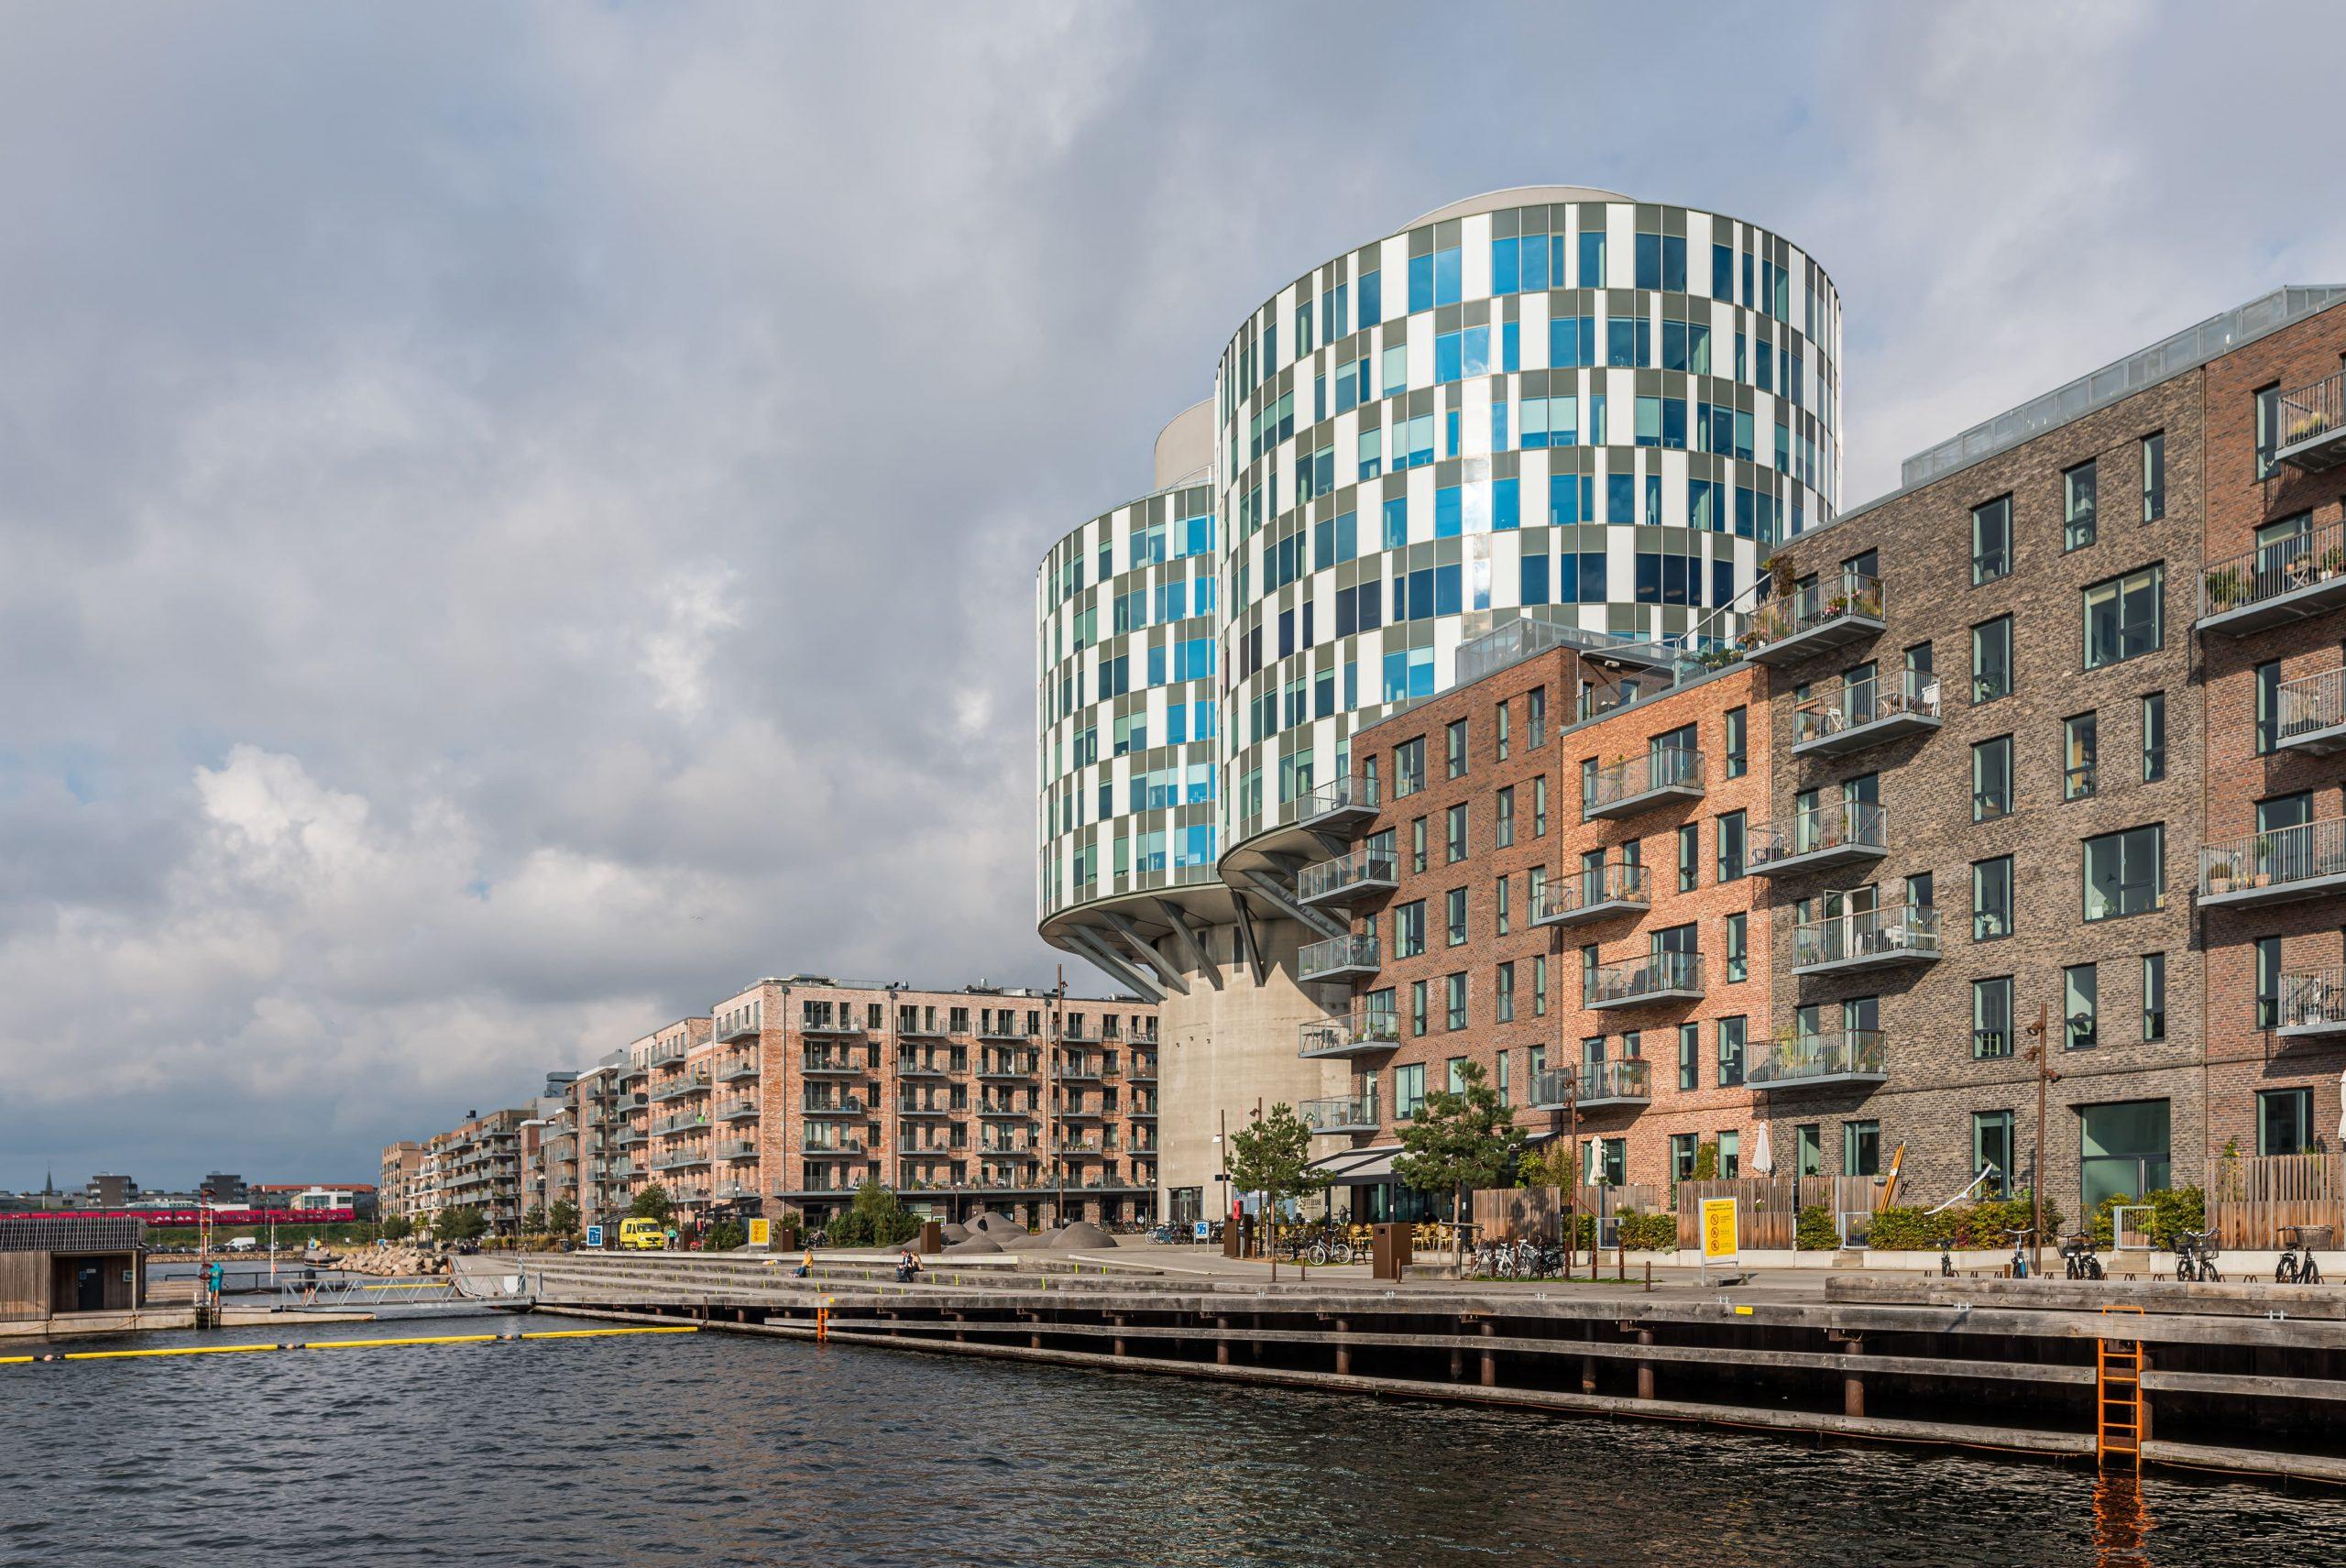 Nordhavn Kopenhagen